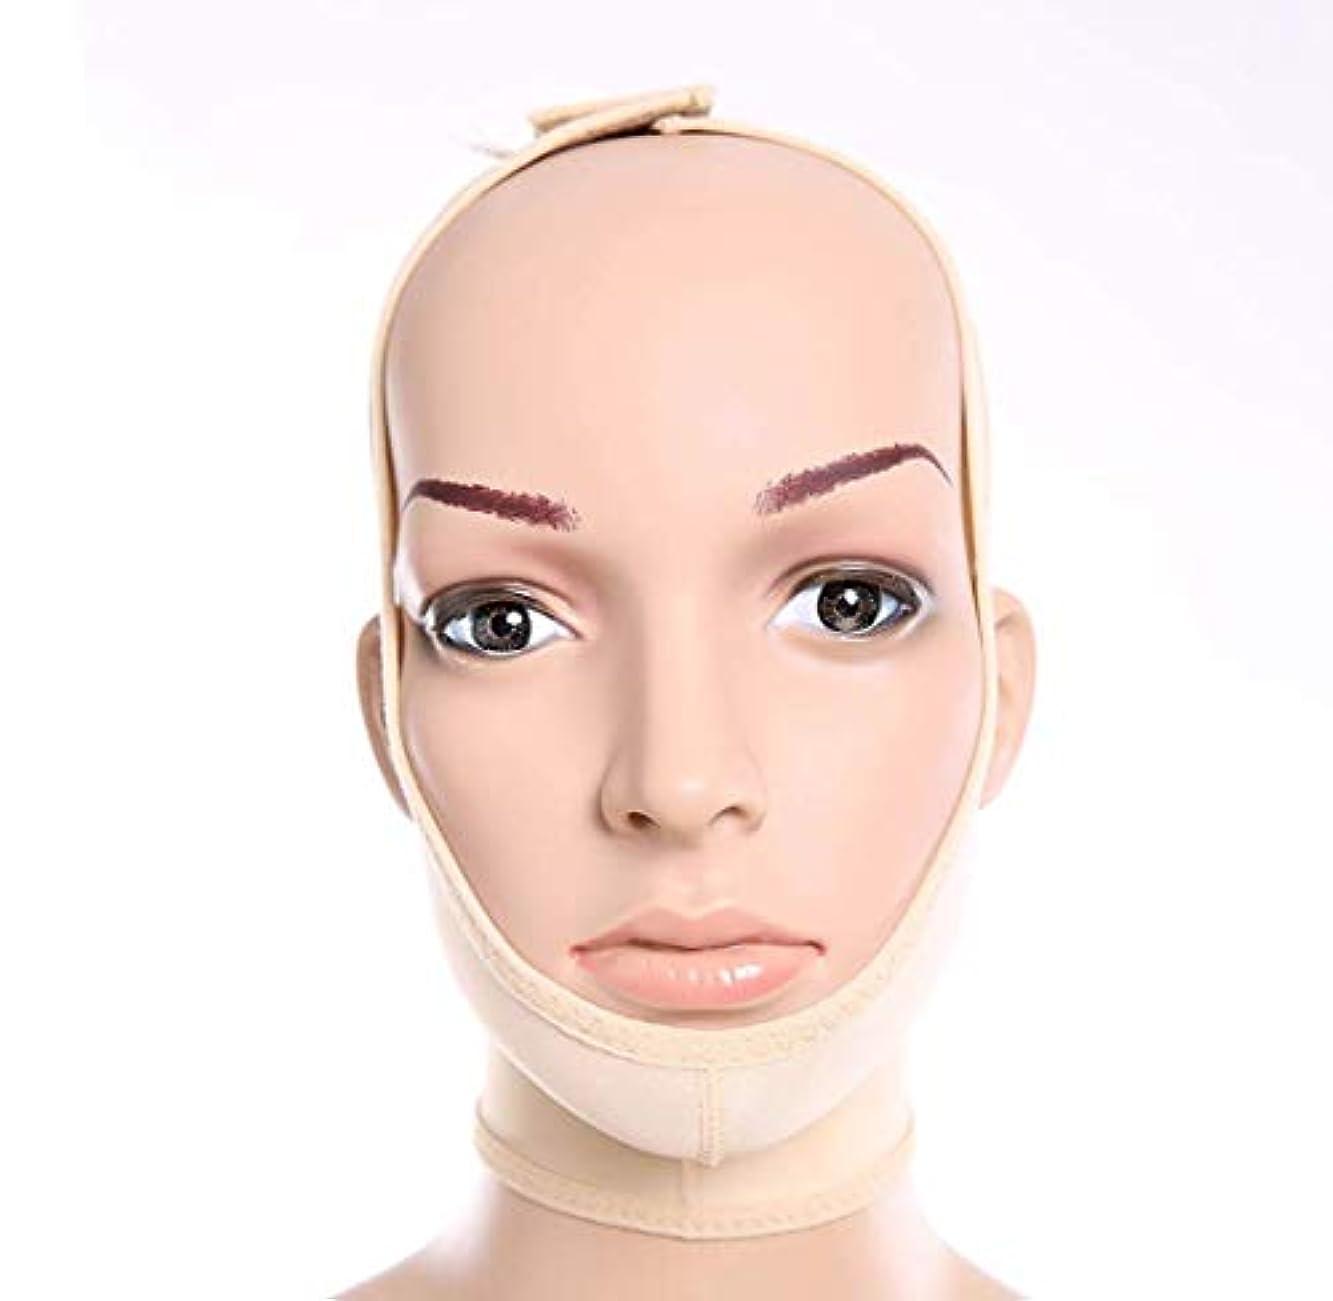 舌な半導体想定するフェイスアンドネックリフト、減量術後弾性スリーブジョーセットフェイスアーティファクトVフェイスフェイシャルフェイスバンドルダブルチンシンフェイスウィッグ(サイズ:S)